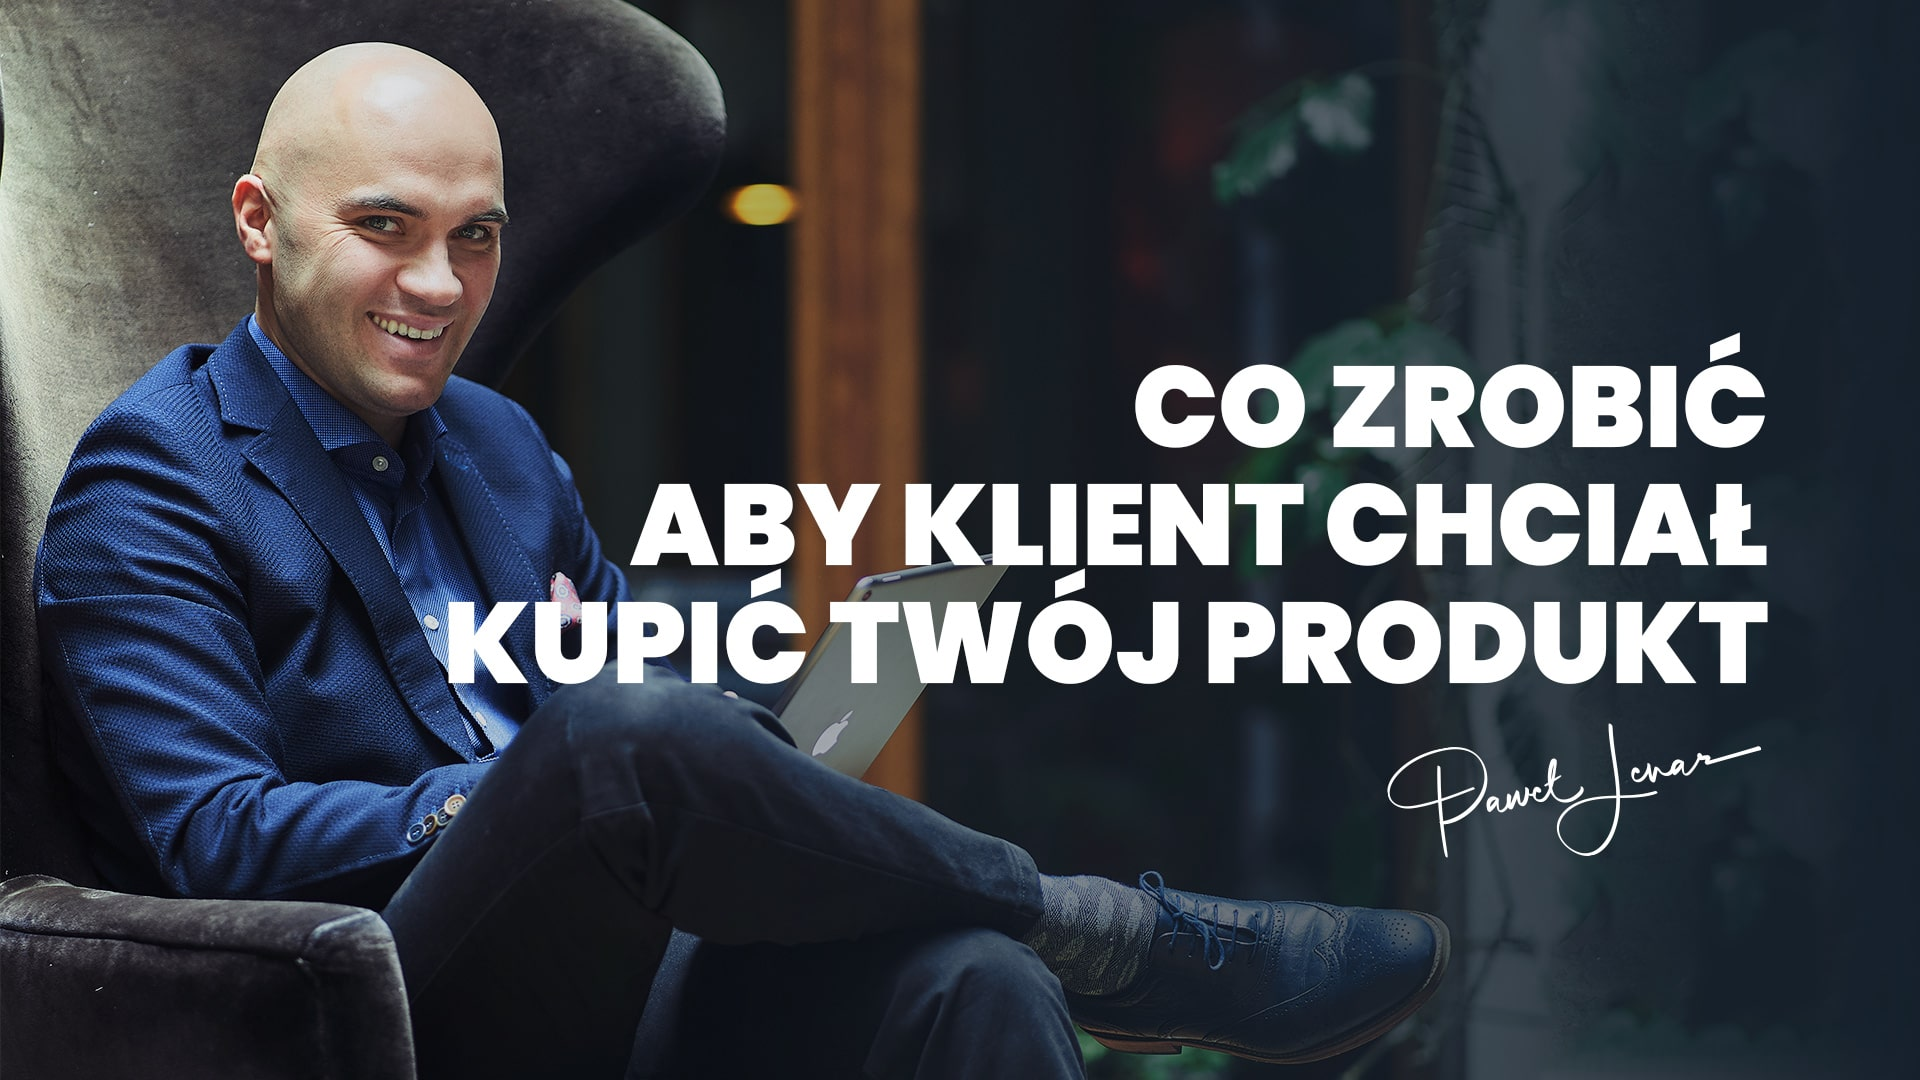 Co zrobić aby klient chciał kupić Twój produkt - Paweł Lenar Blog